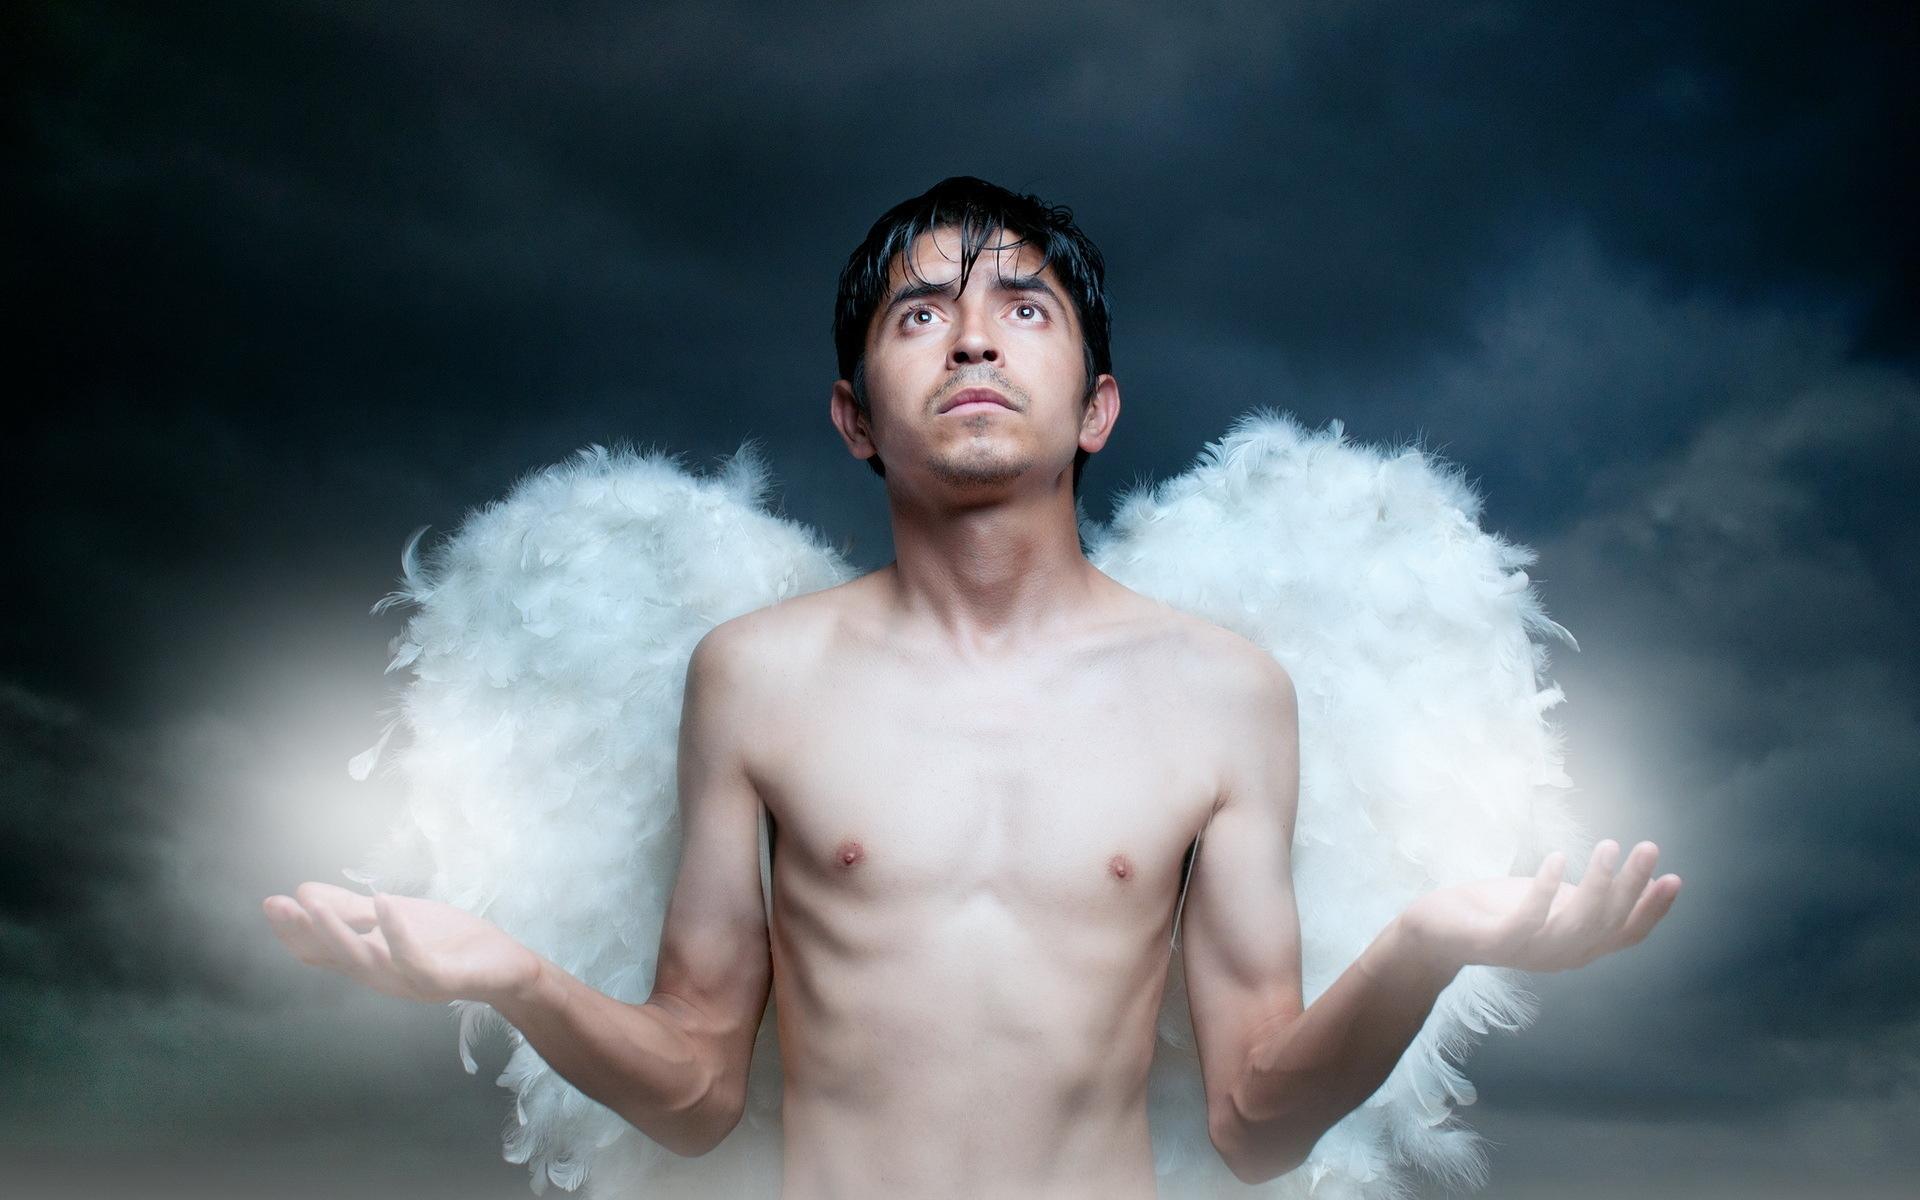 Ангел в обличье человека